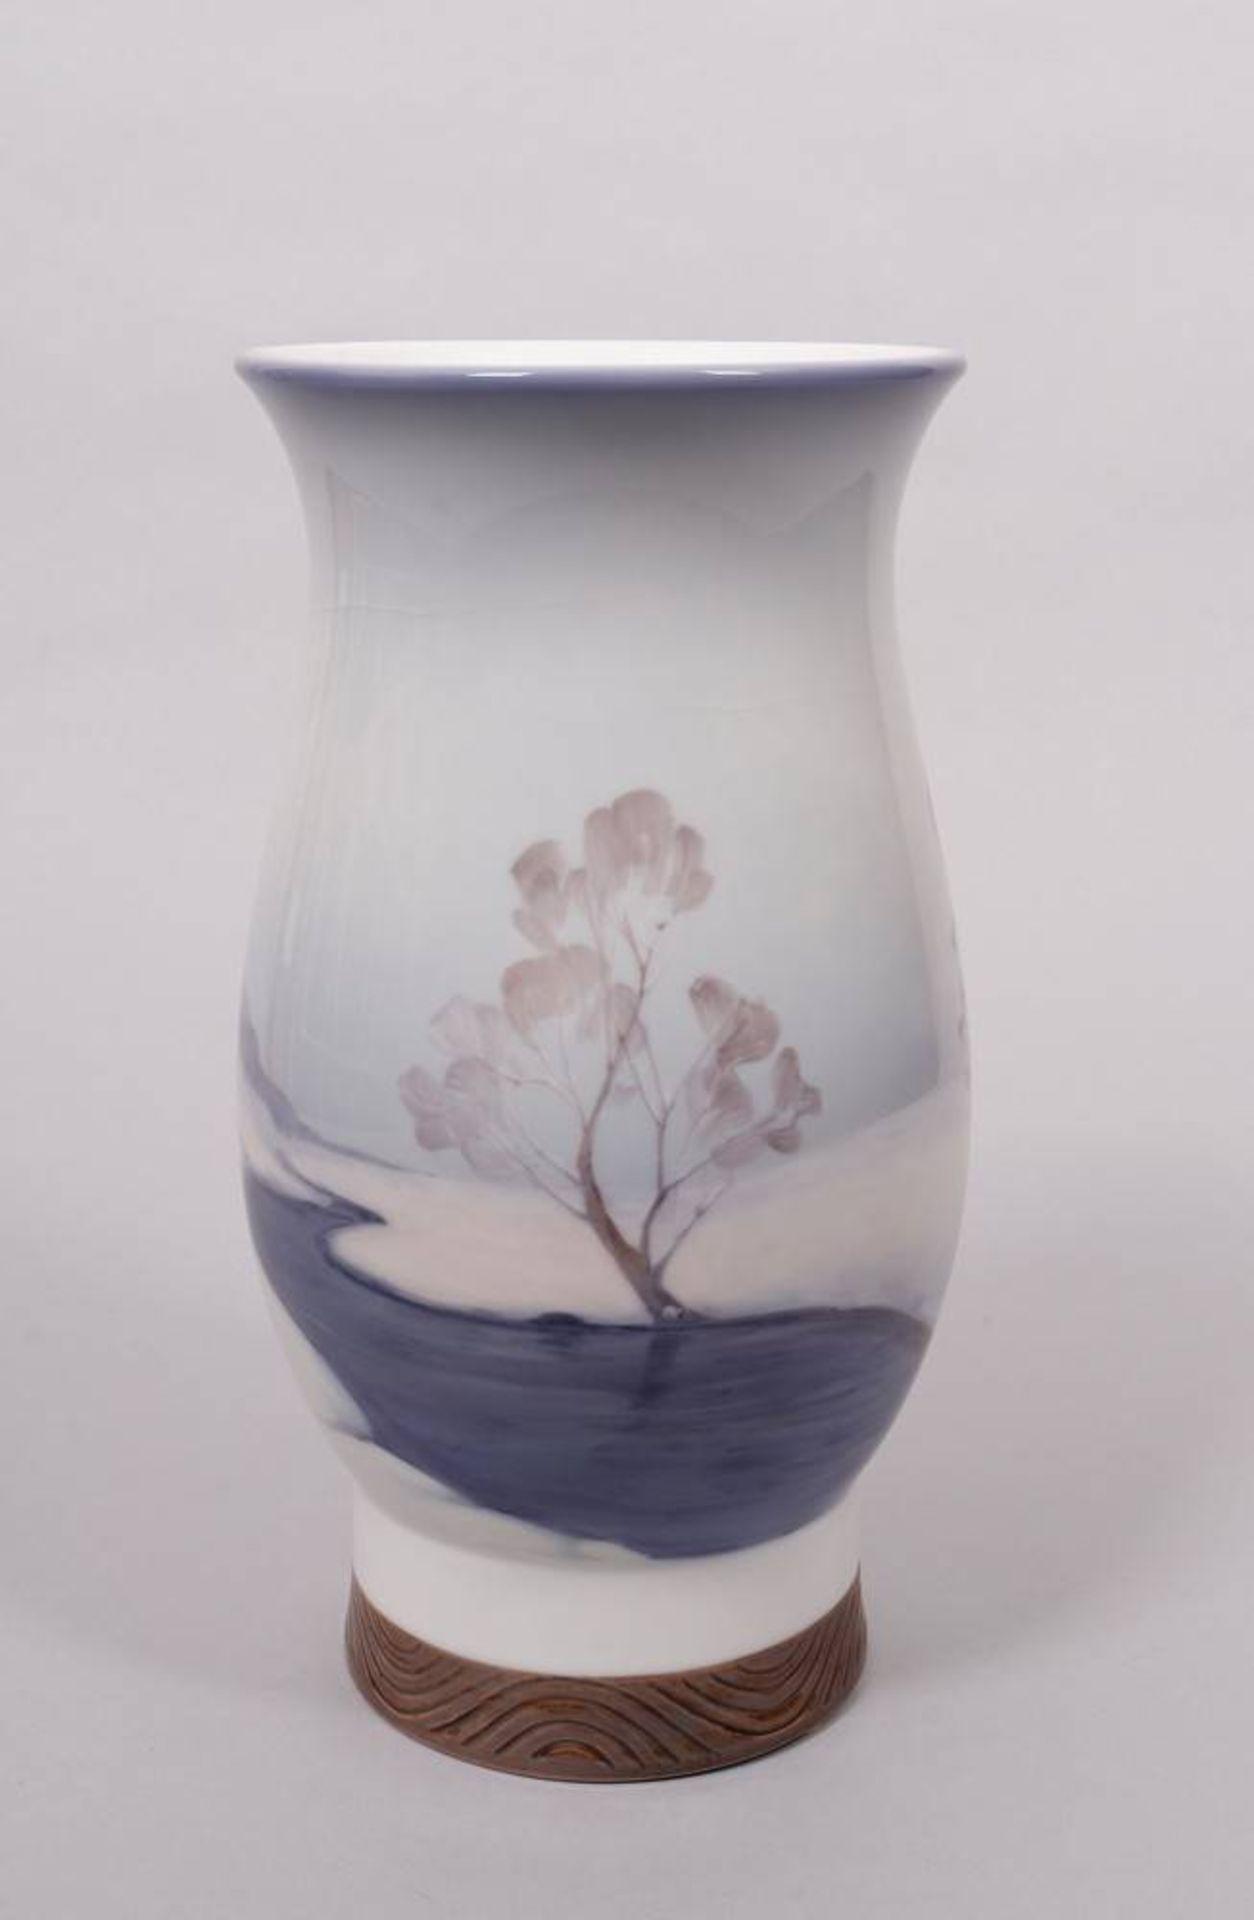 Art Nouveau vase (unique piece), Bing & Grøndahl, Copenhagen, ca. 1920 - Image 3 of 5